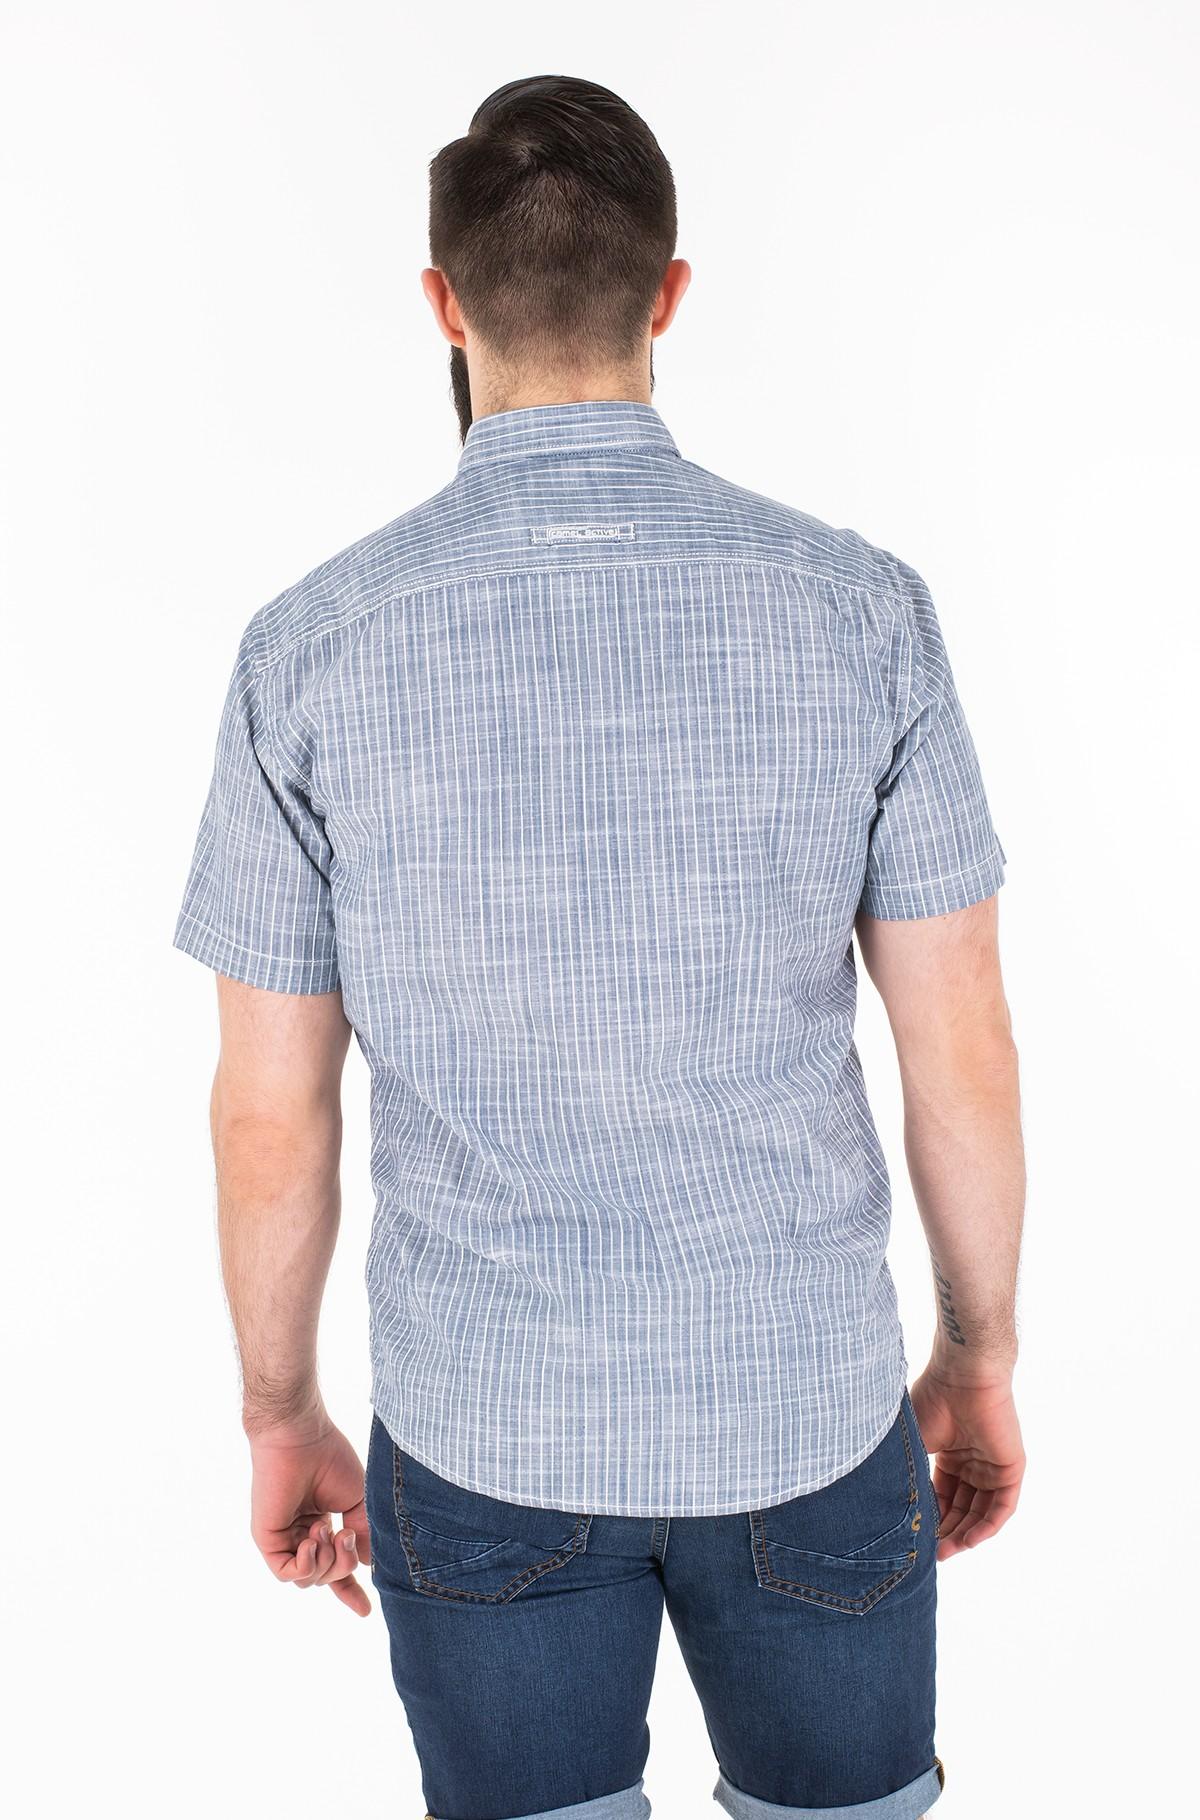 Marškiniai su trumpomis rankovėmis 31.216025-full-2